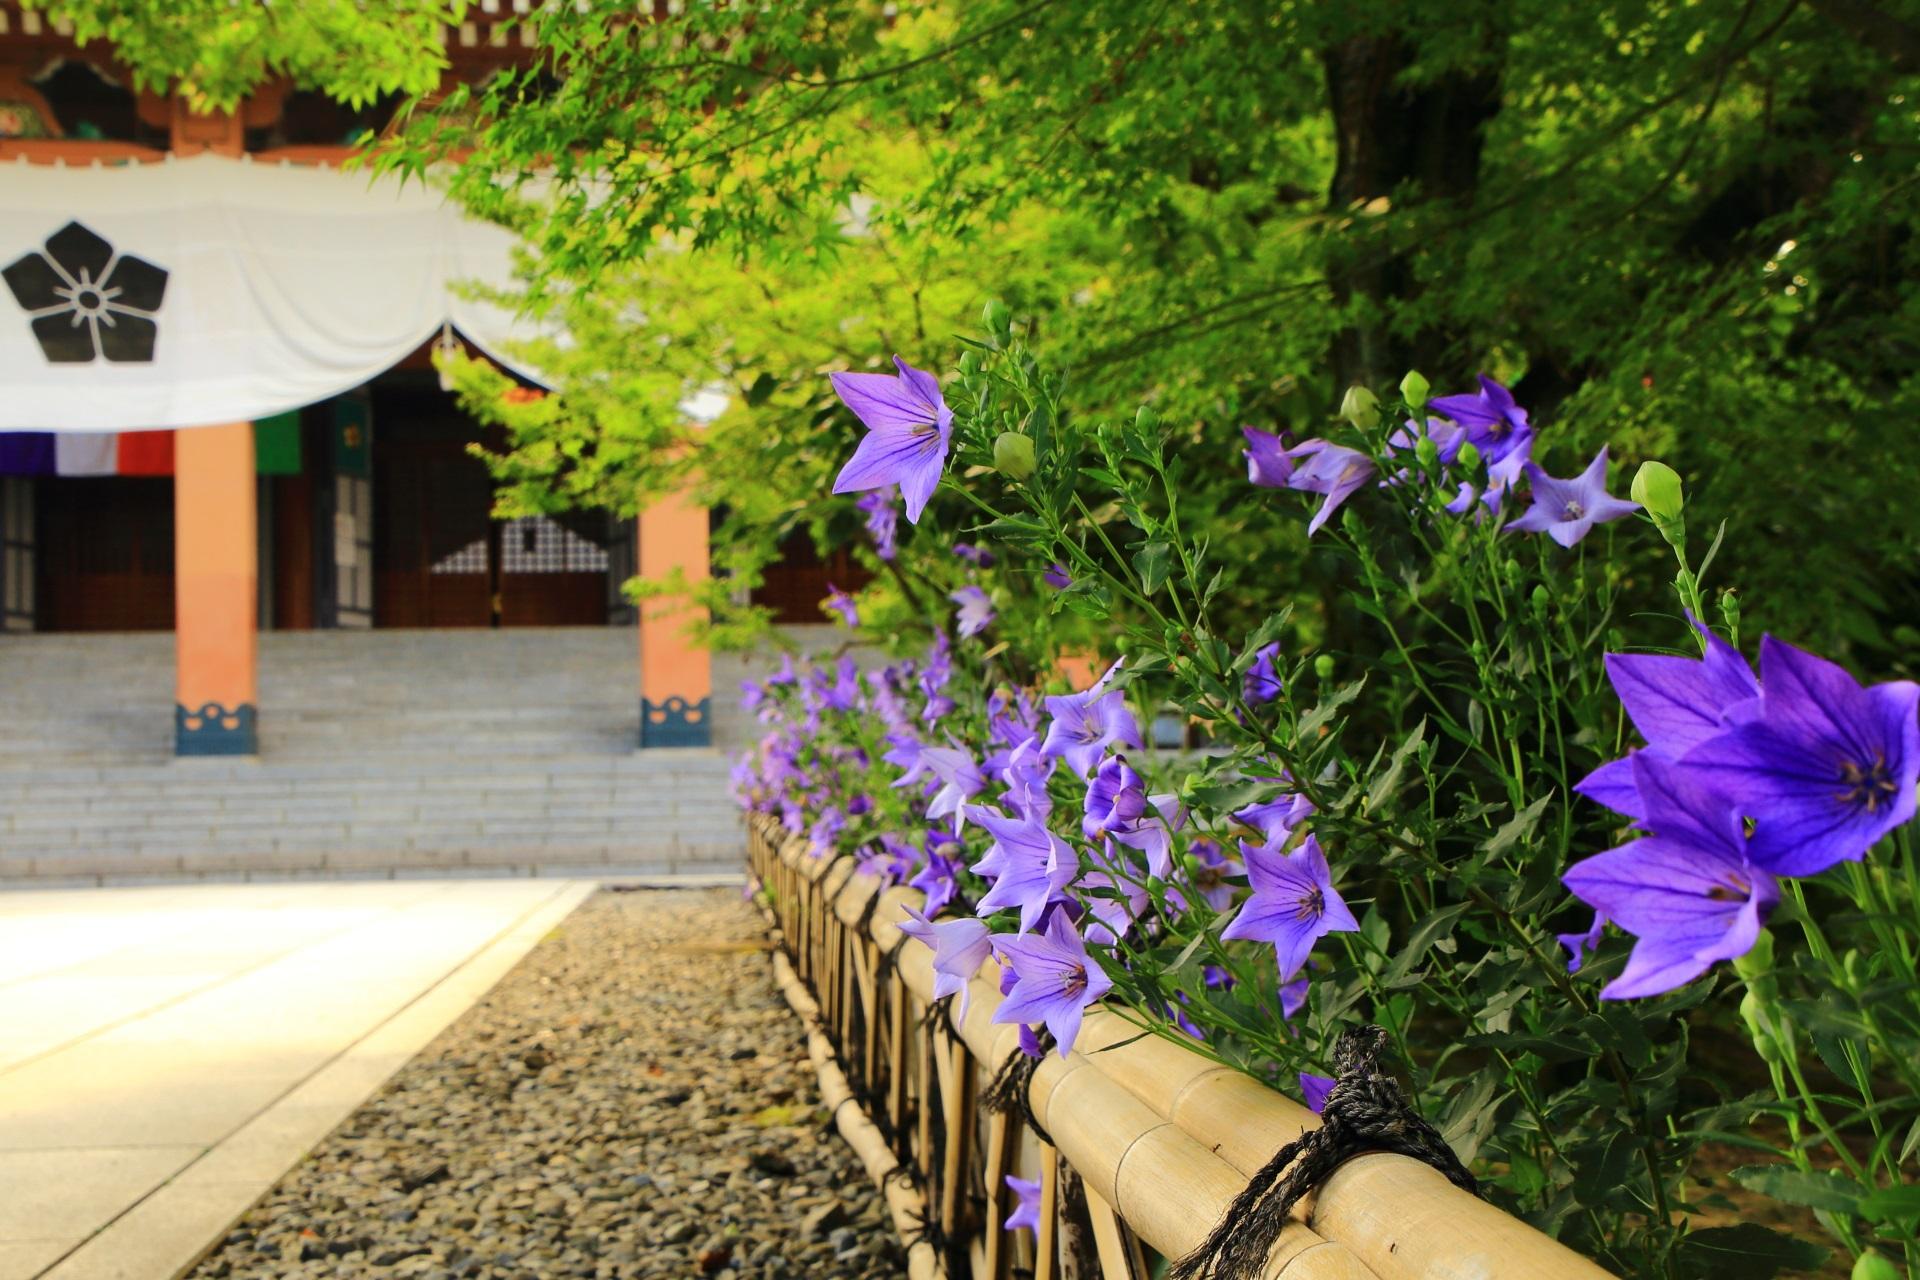 四季折々色んな花が咲く智積院の緑に映える紫の桔梗の花